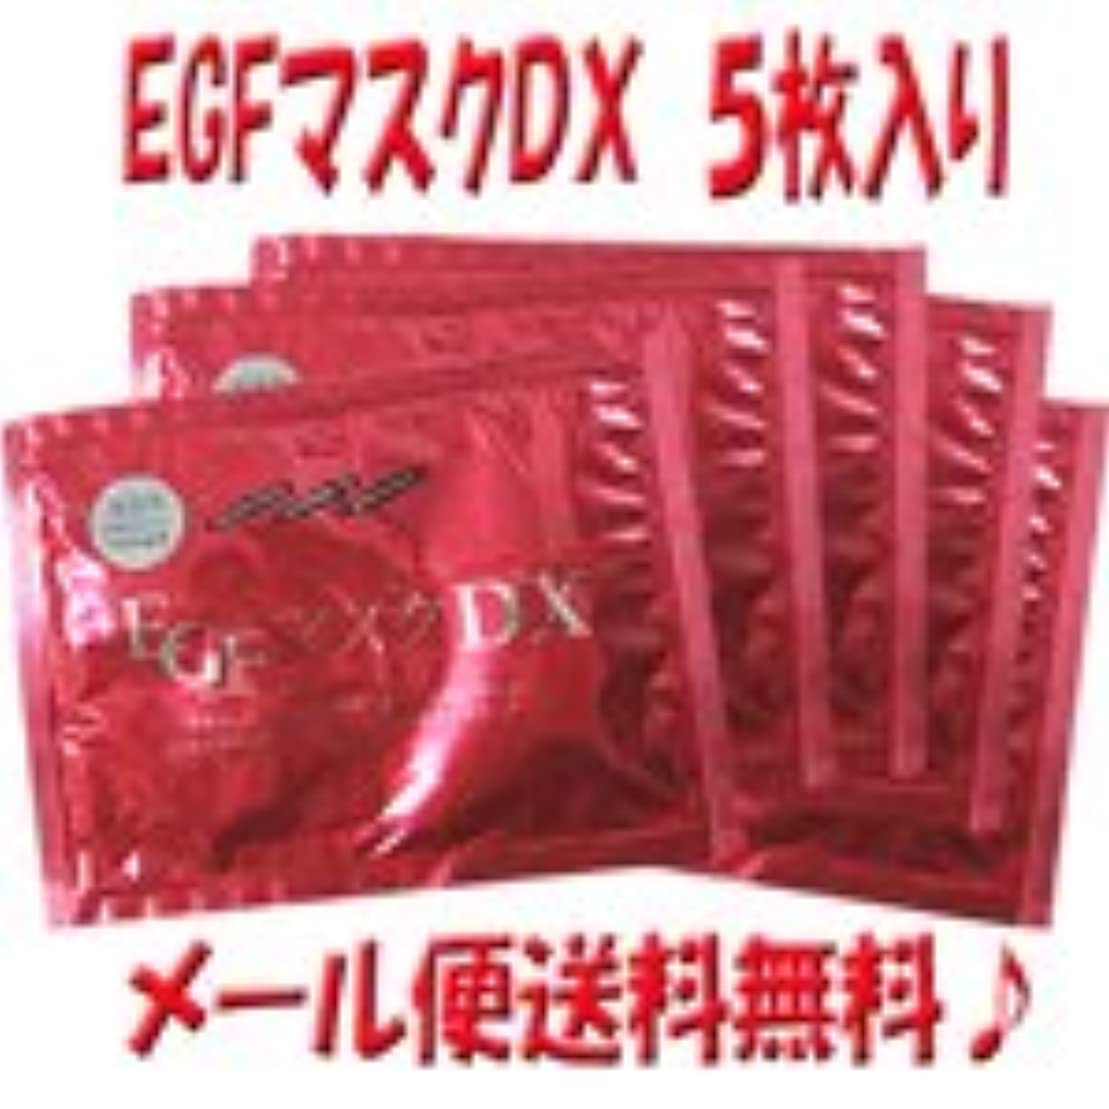 下線気候の山夜明けにジャパンギャルズ 業務用 EG FマスクDX 5枚入